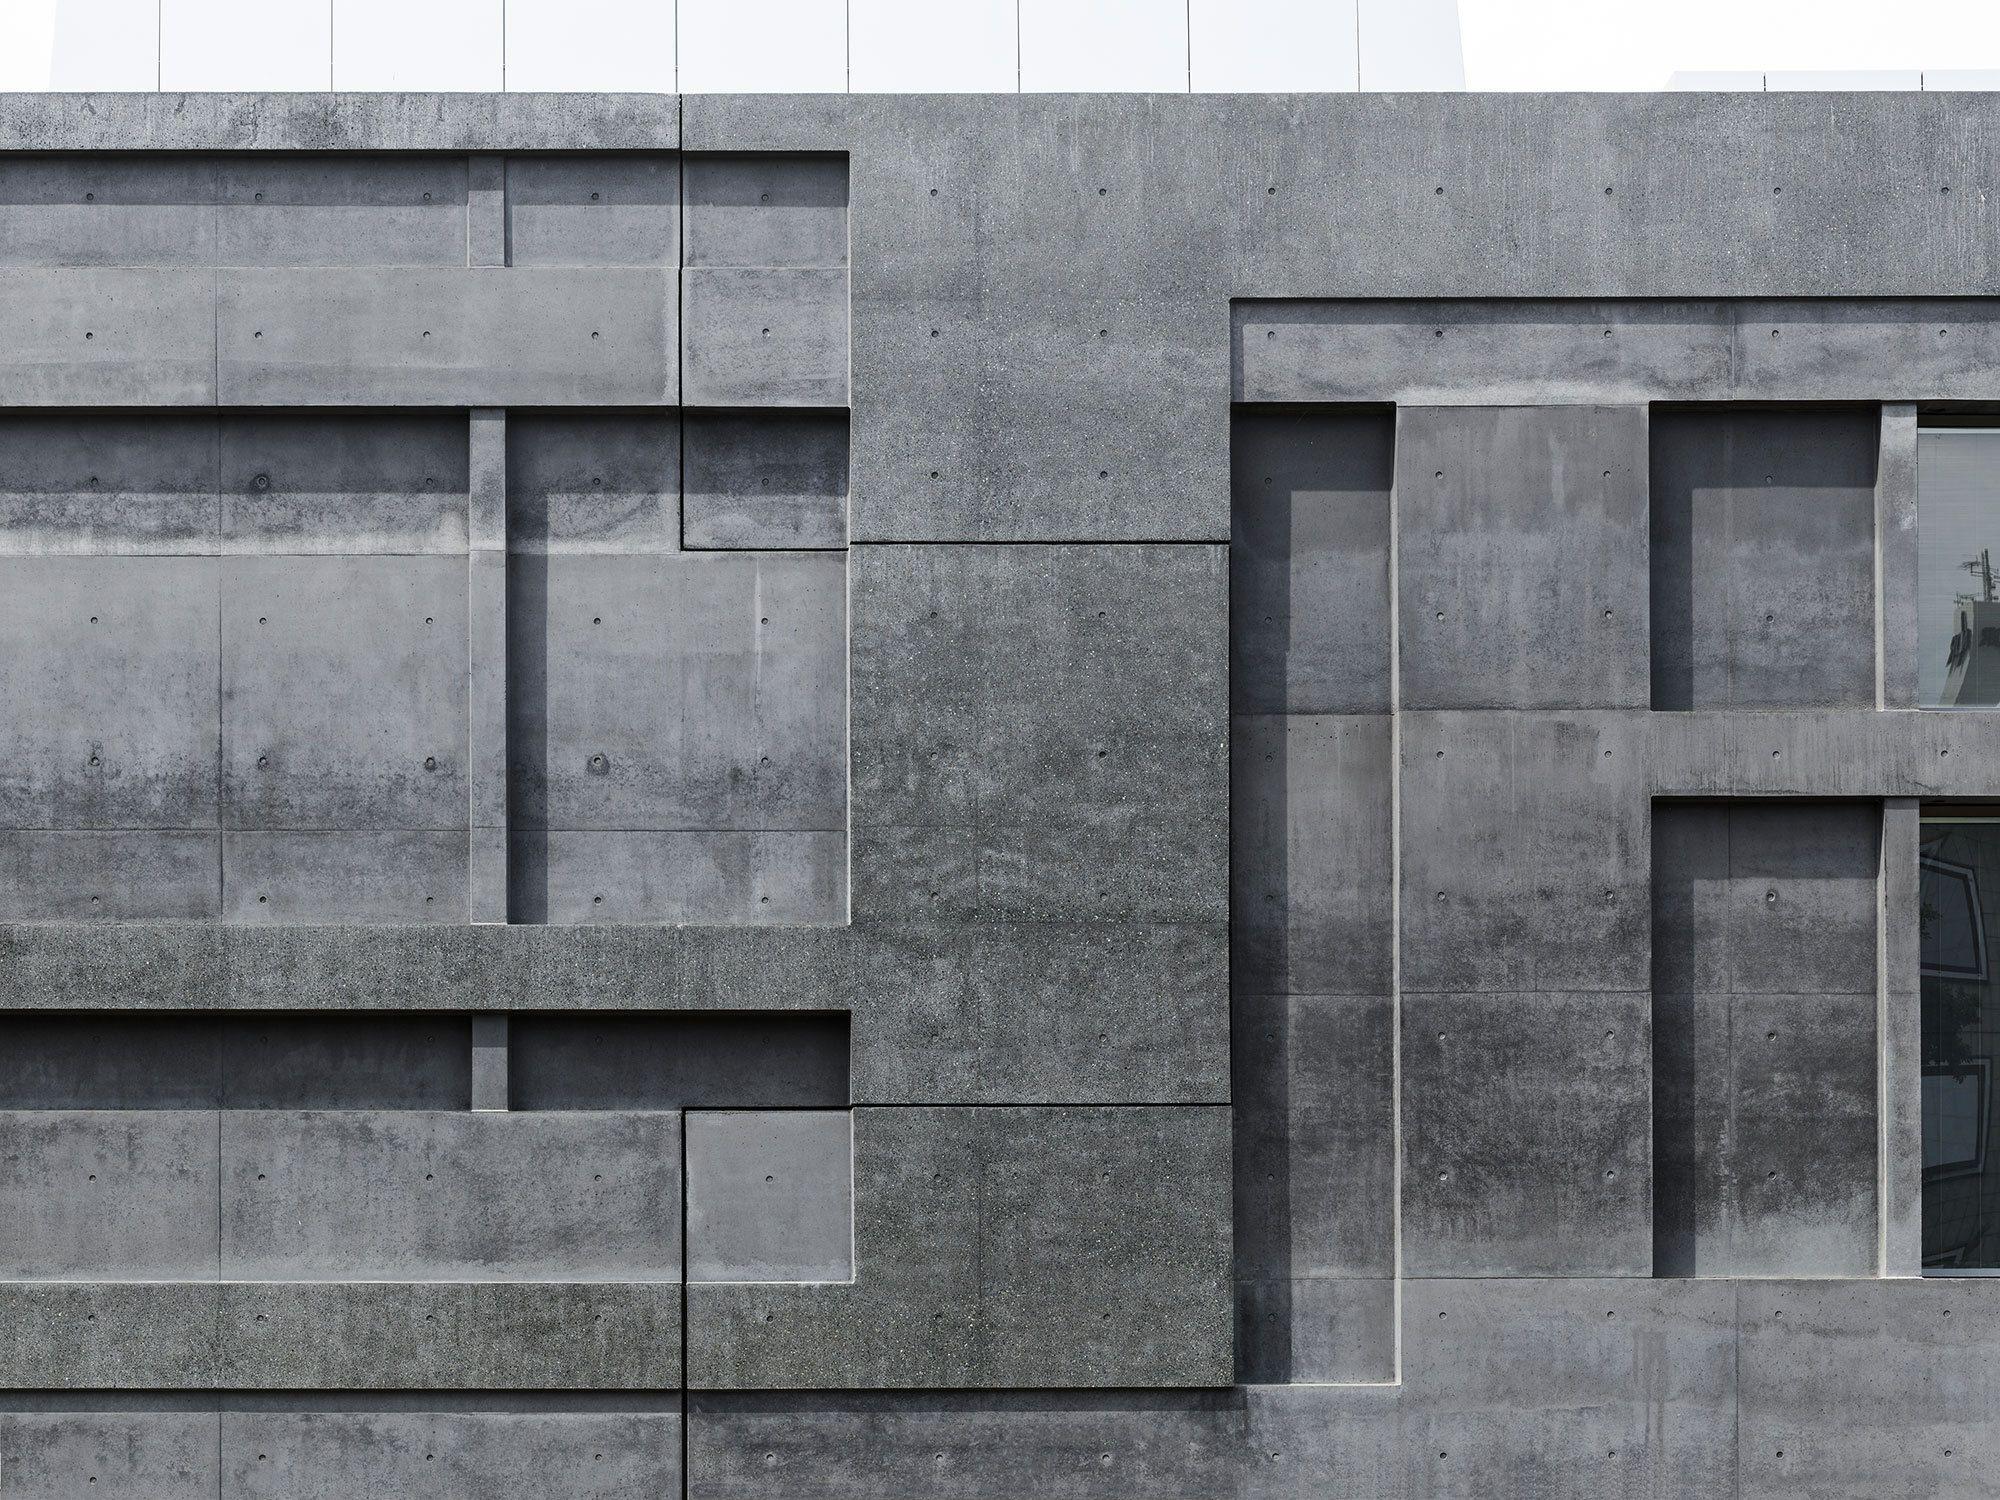 Neo brutalismus in hannover museumserweiterung von meili for Architektur brutalismus